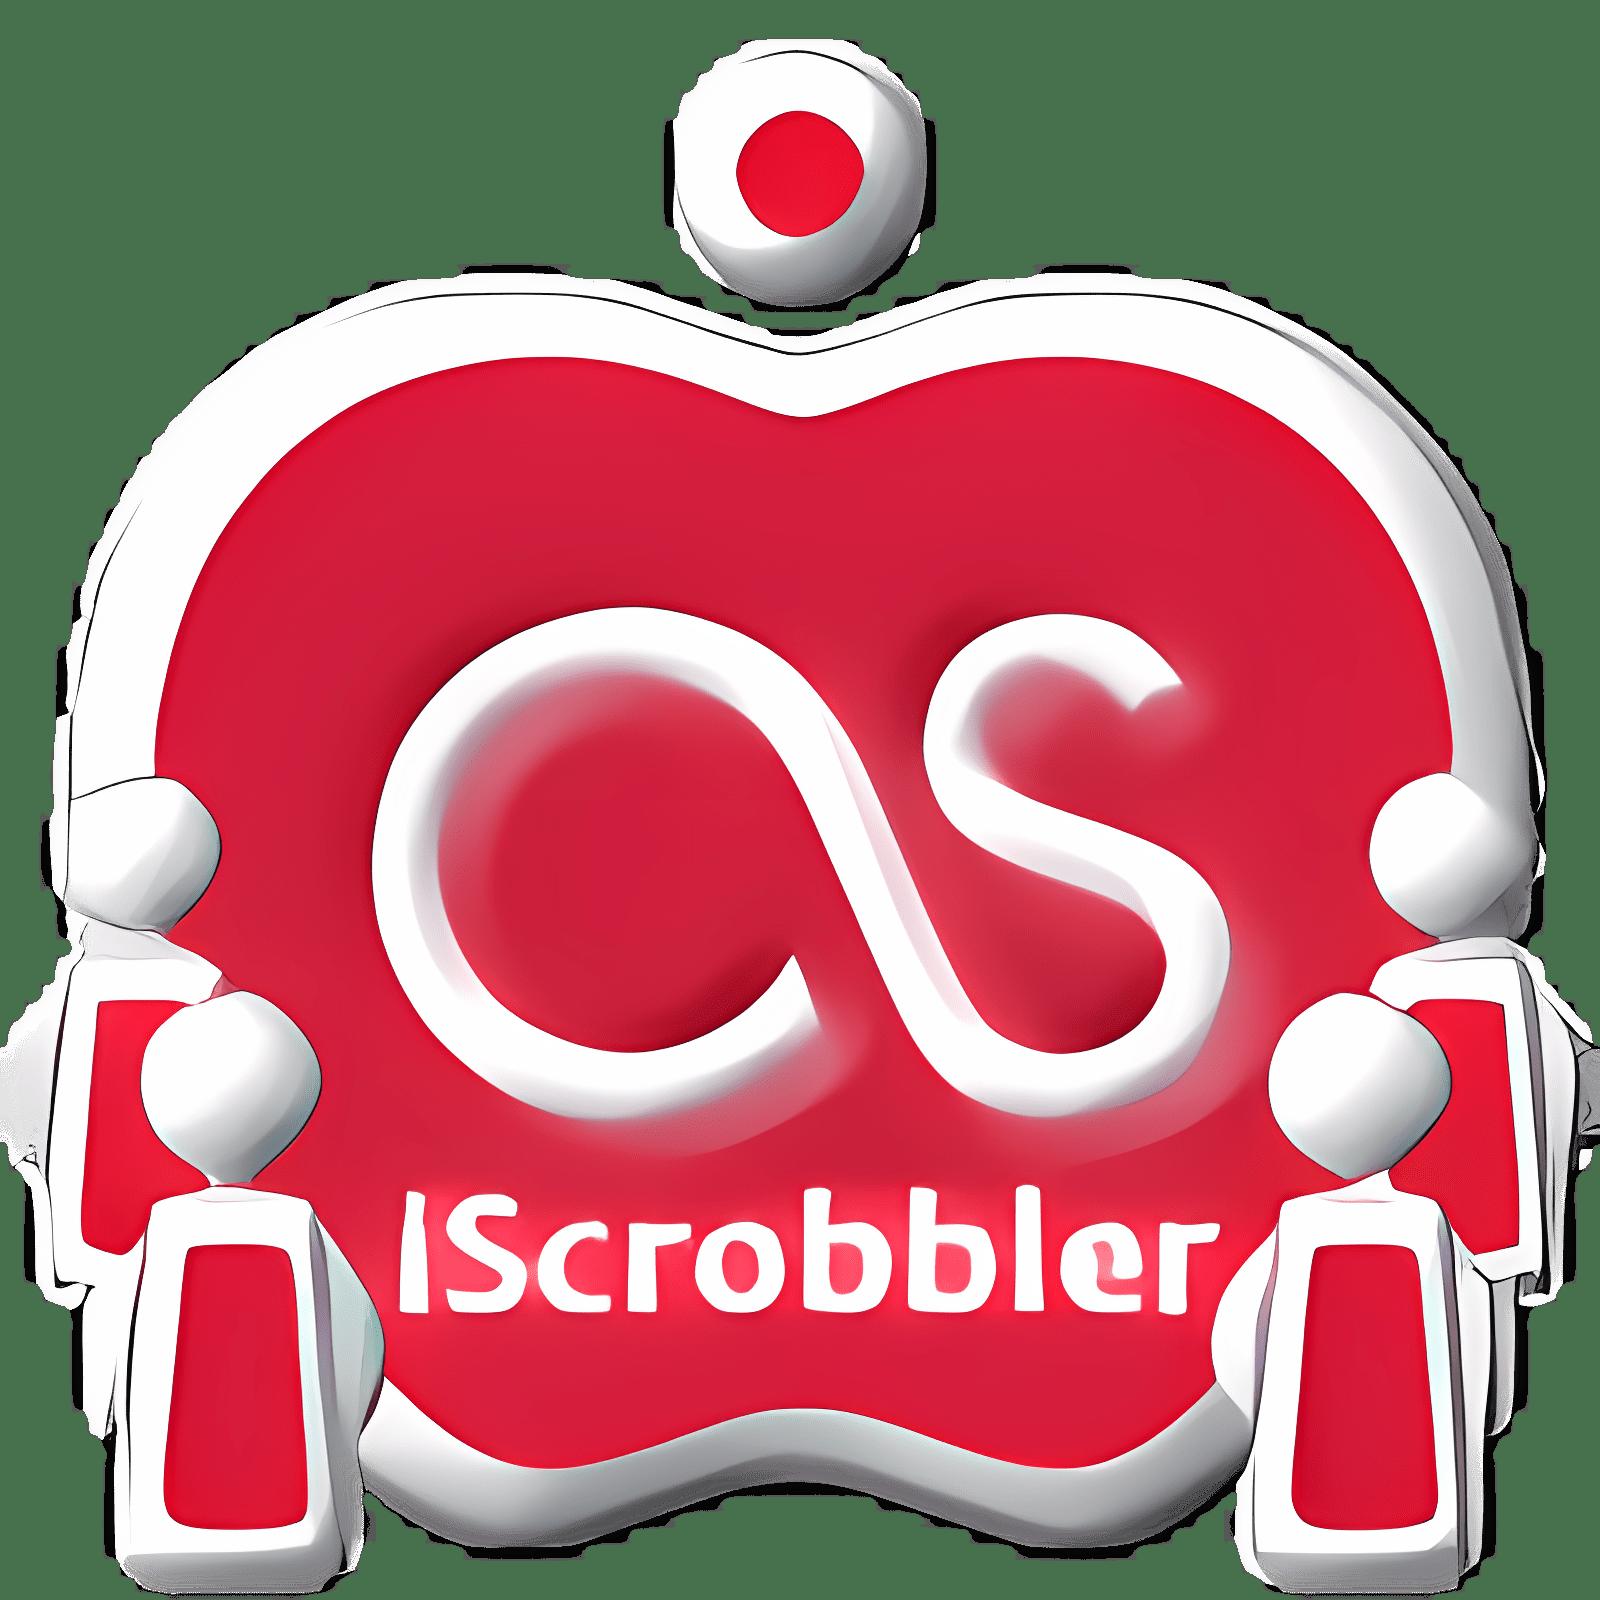 iScrobbler